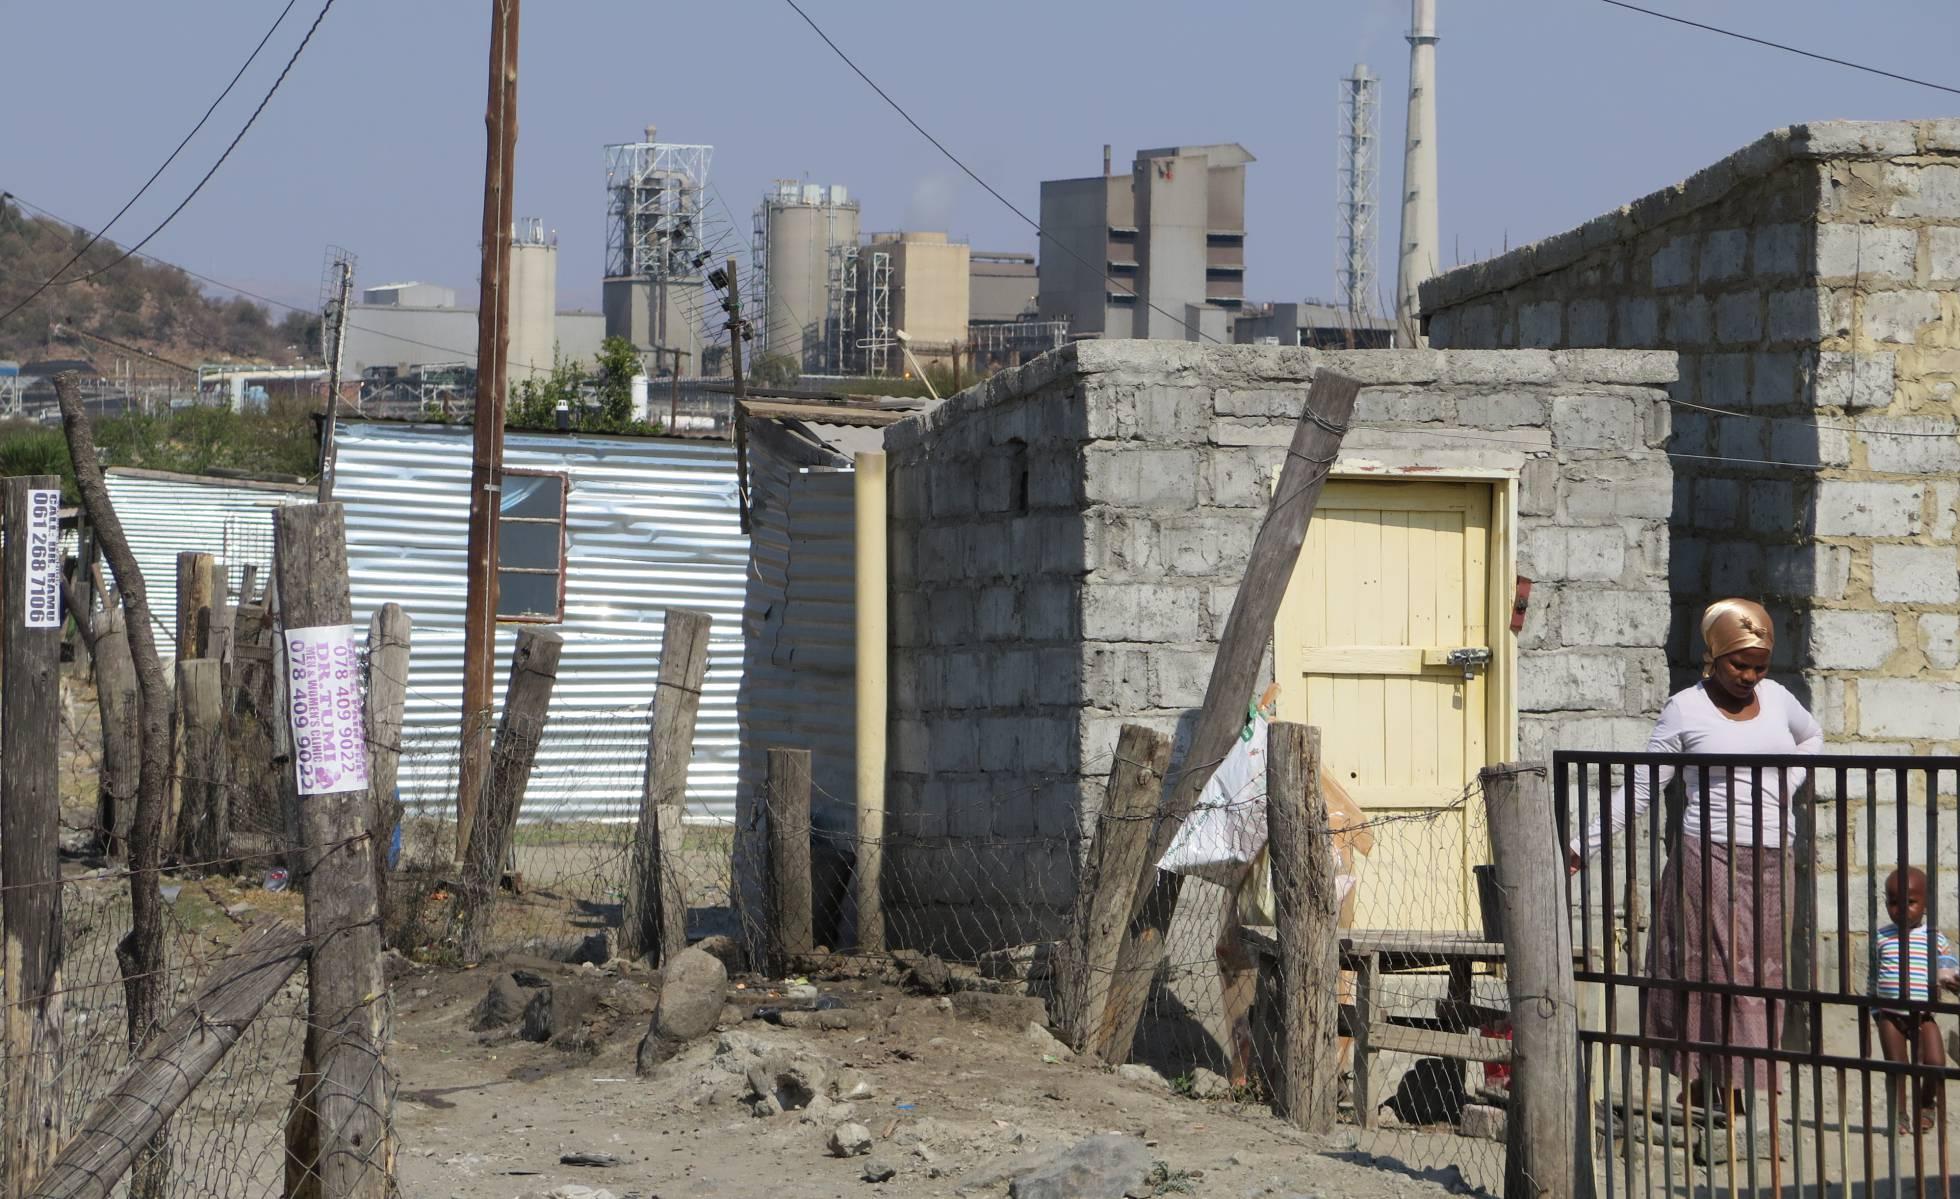 Sudáfrica. Muertes en minas, conflictos mineros... - Página 4 1472133270_502360_1472136763_sumario_normal_recorte1